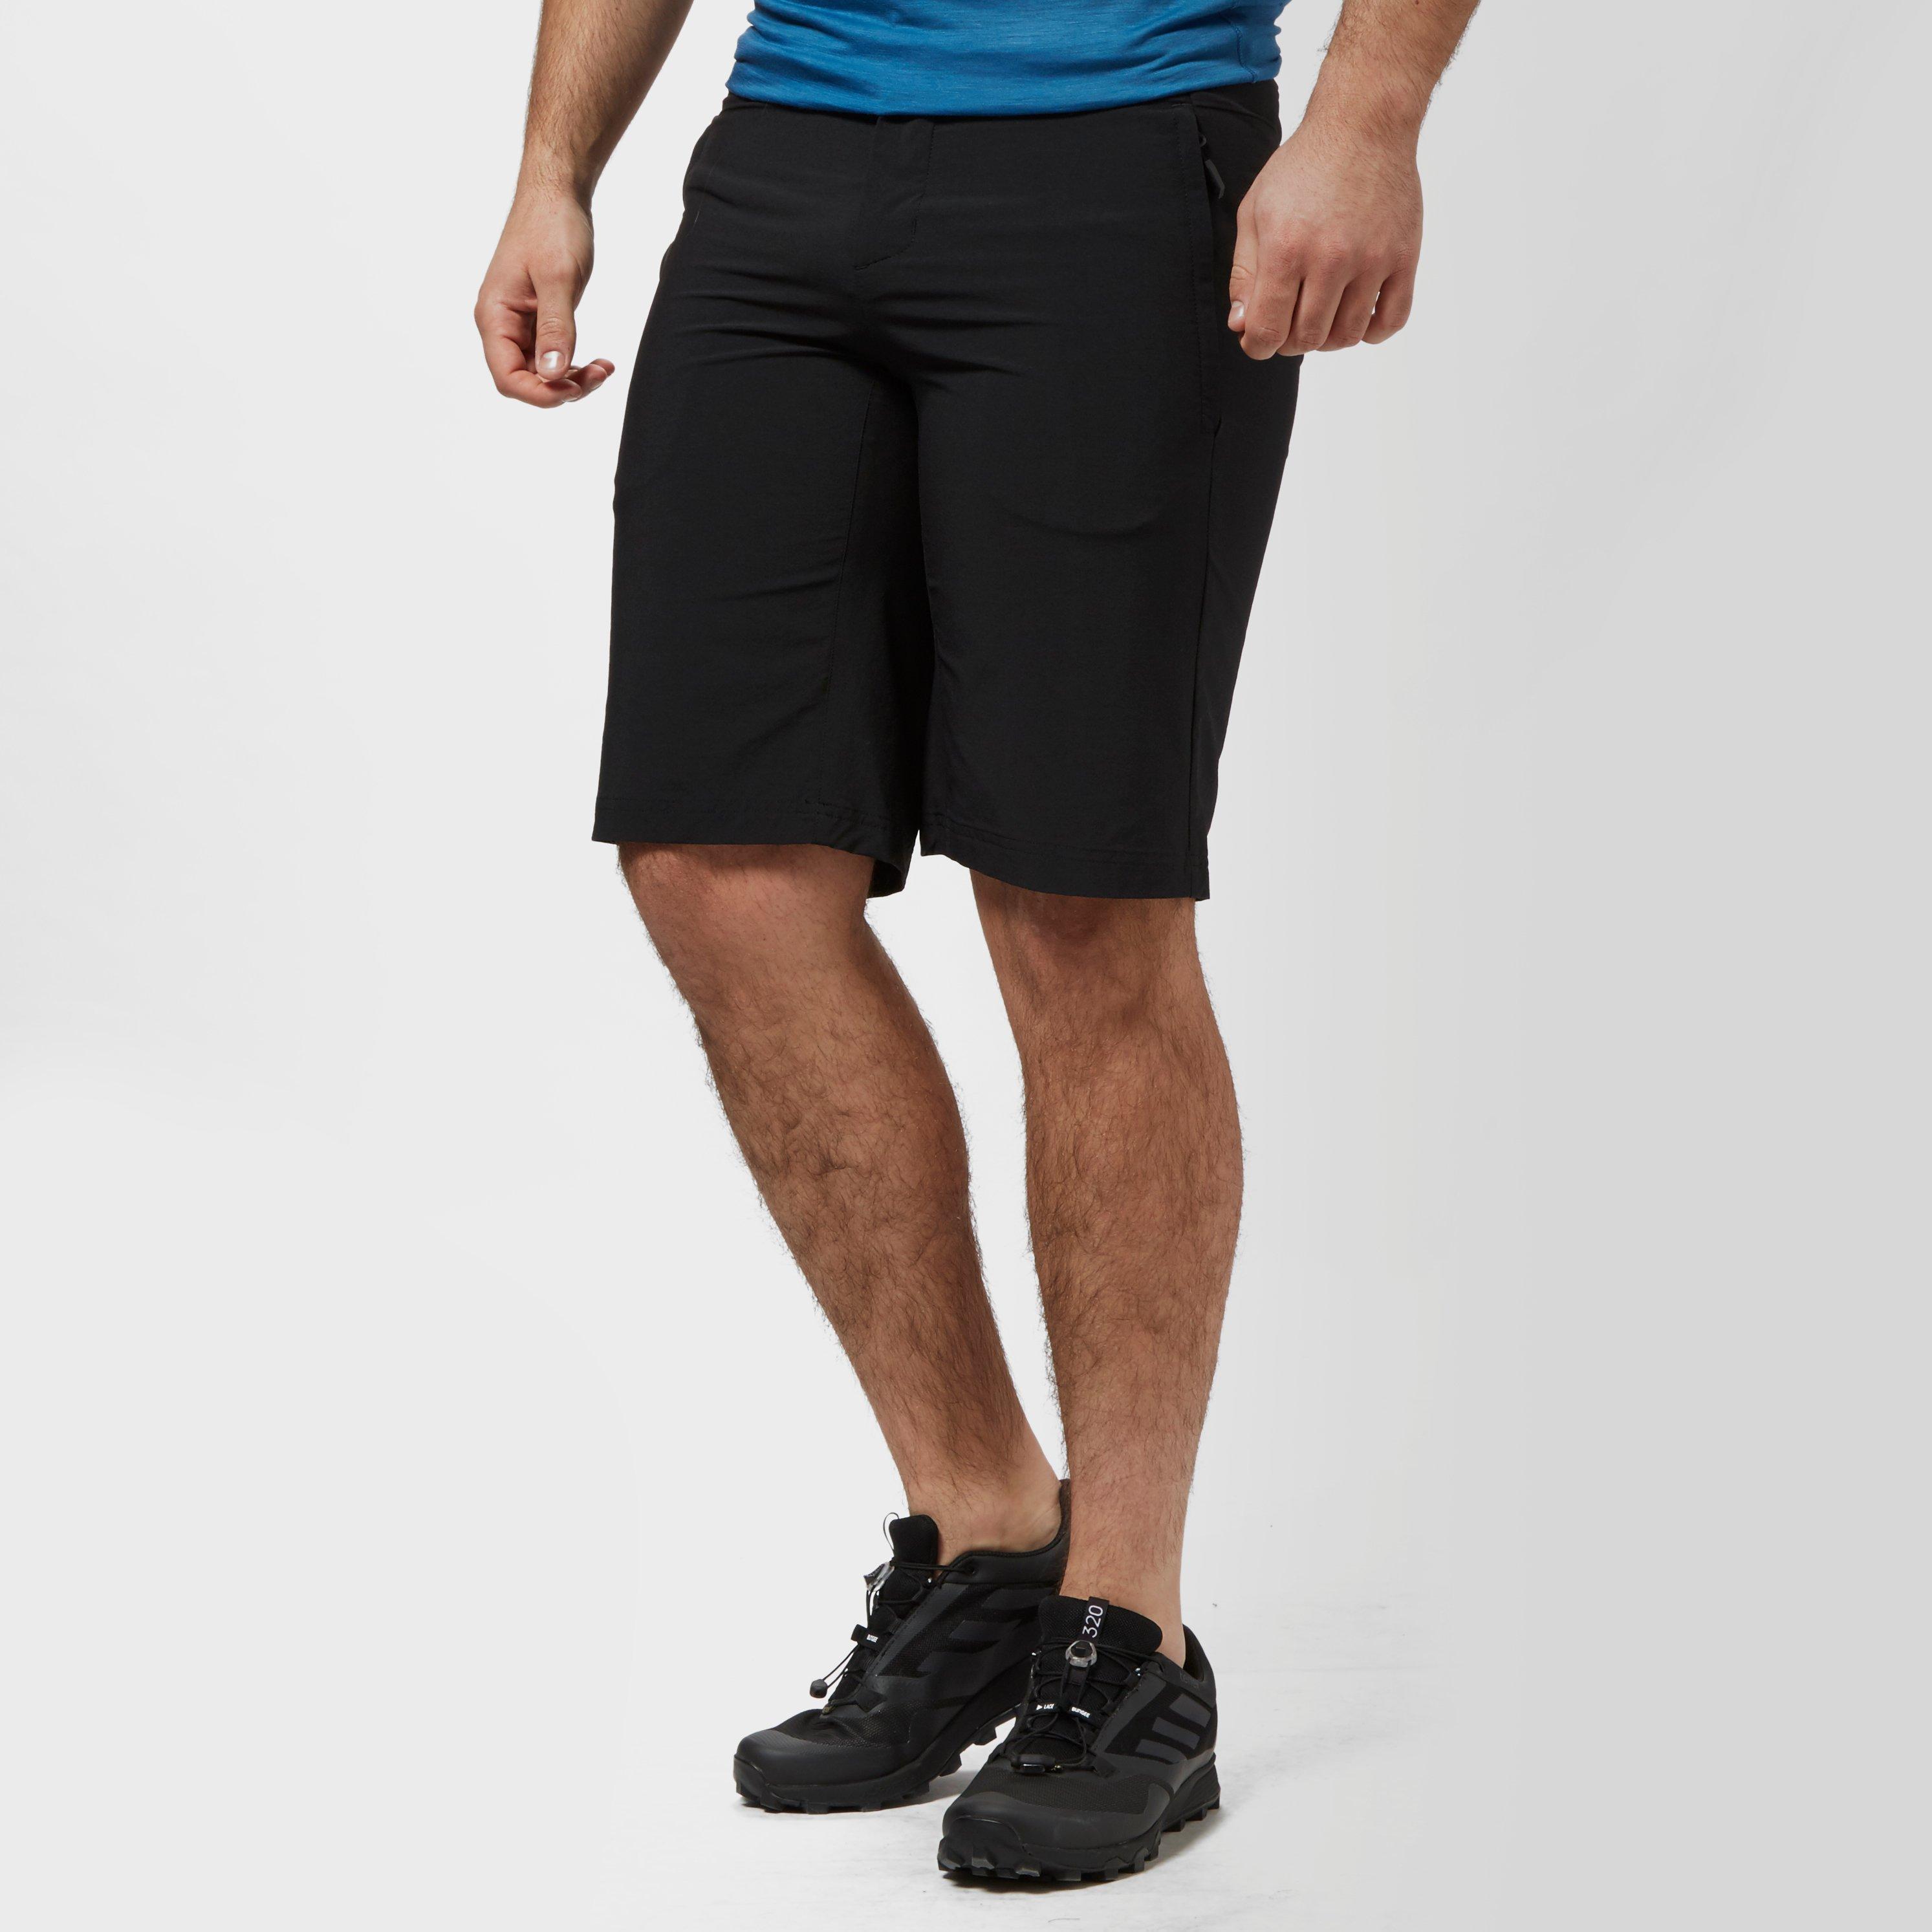 Adidas Mens Light Flex Hiking Short Black